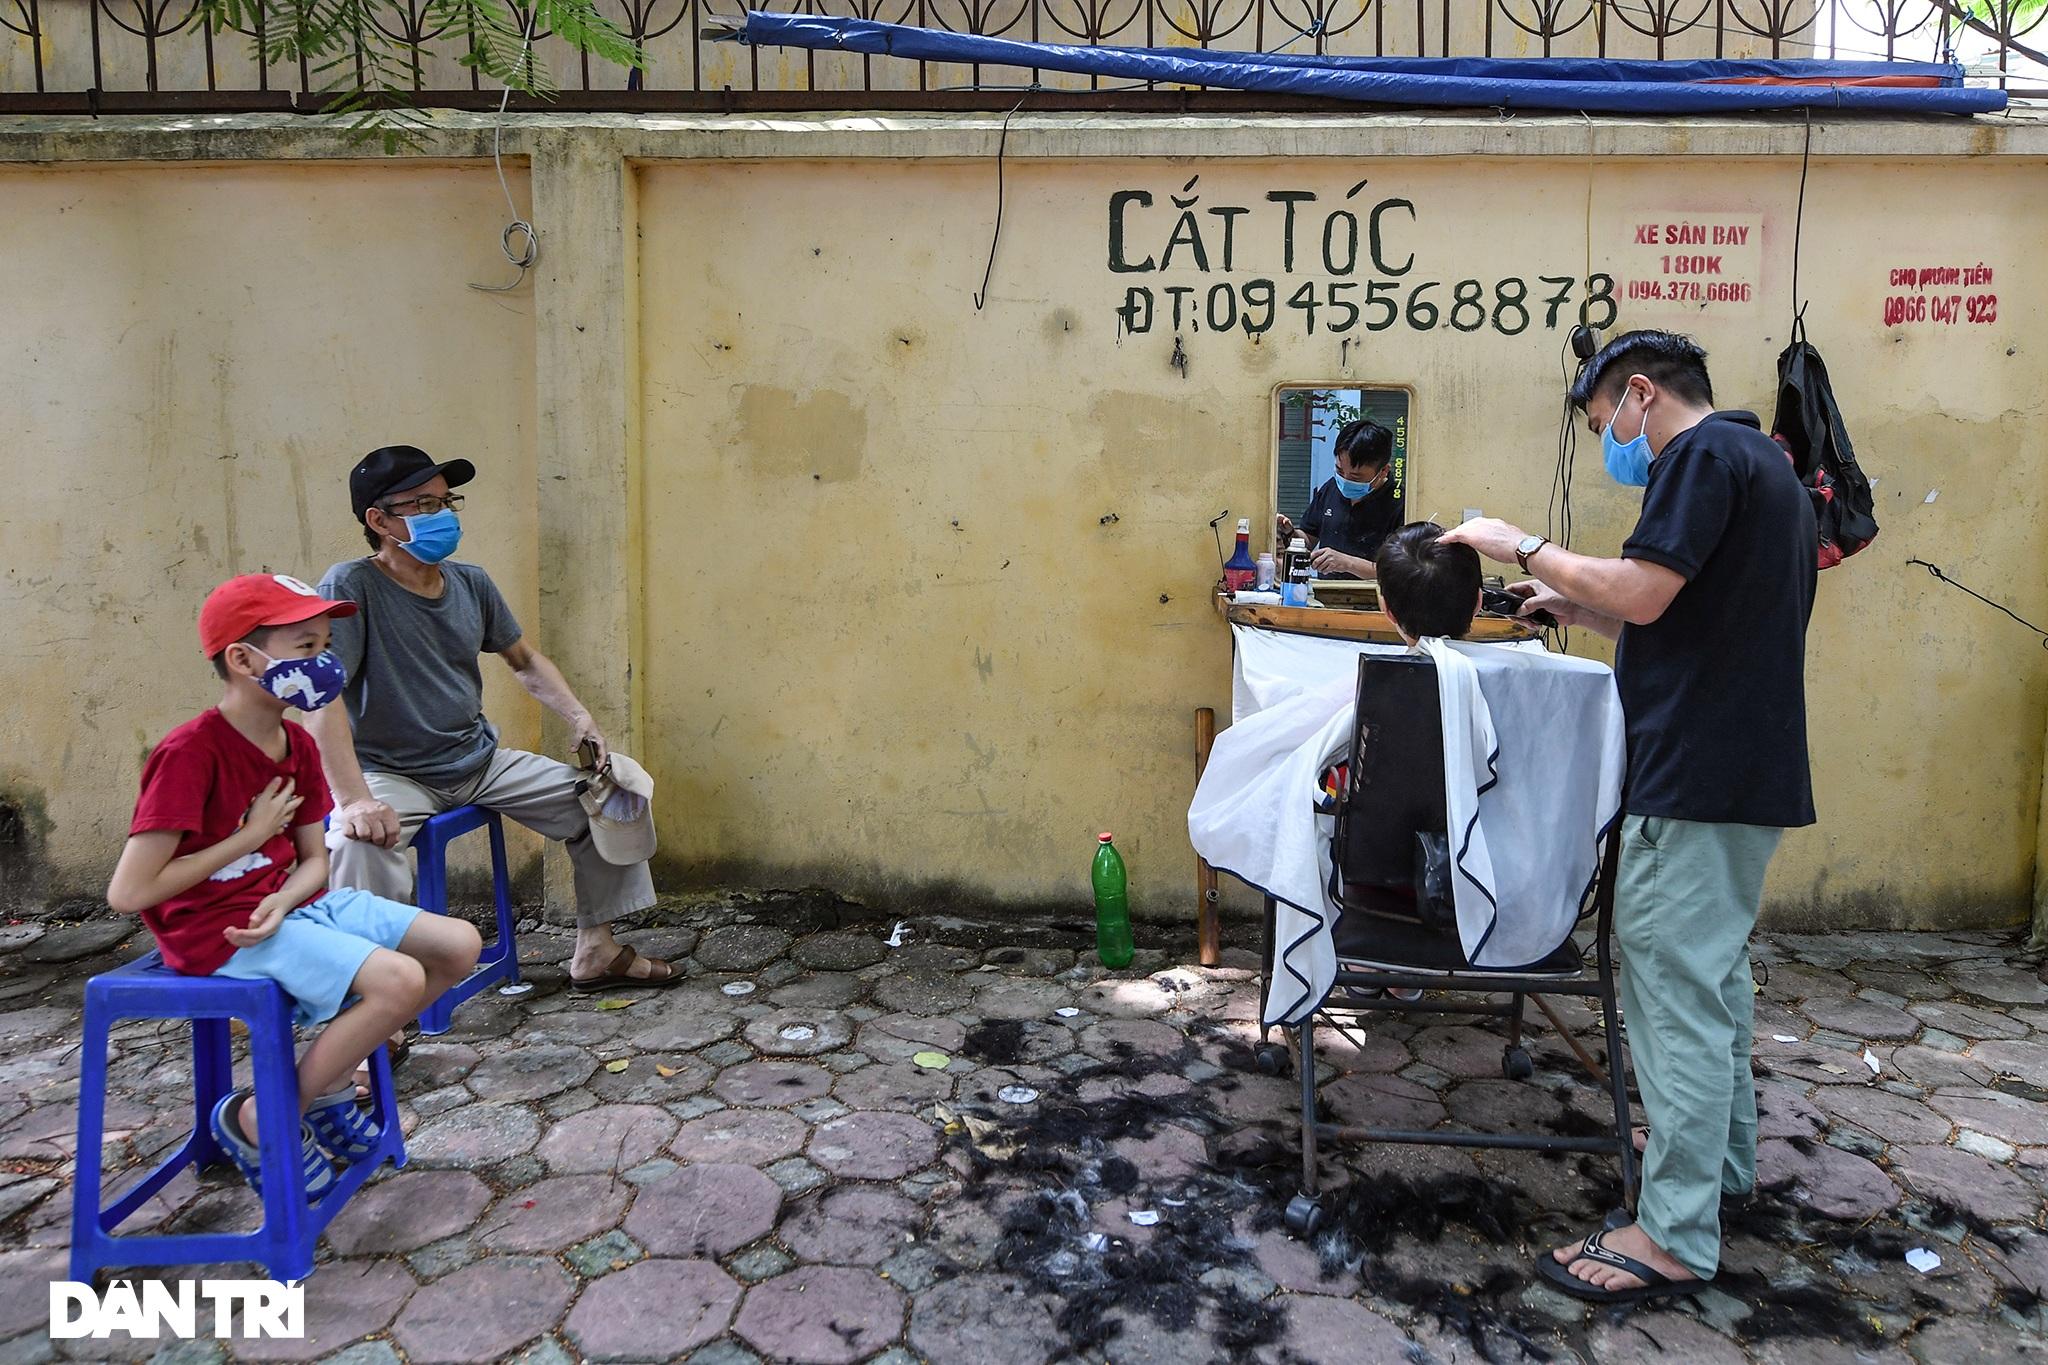 Người dân ở Hà Nội đổ xô đi cắt tóc sau 2 tháng giãn cách xã hội - 1